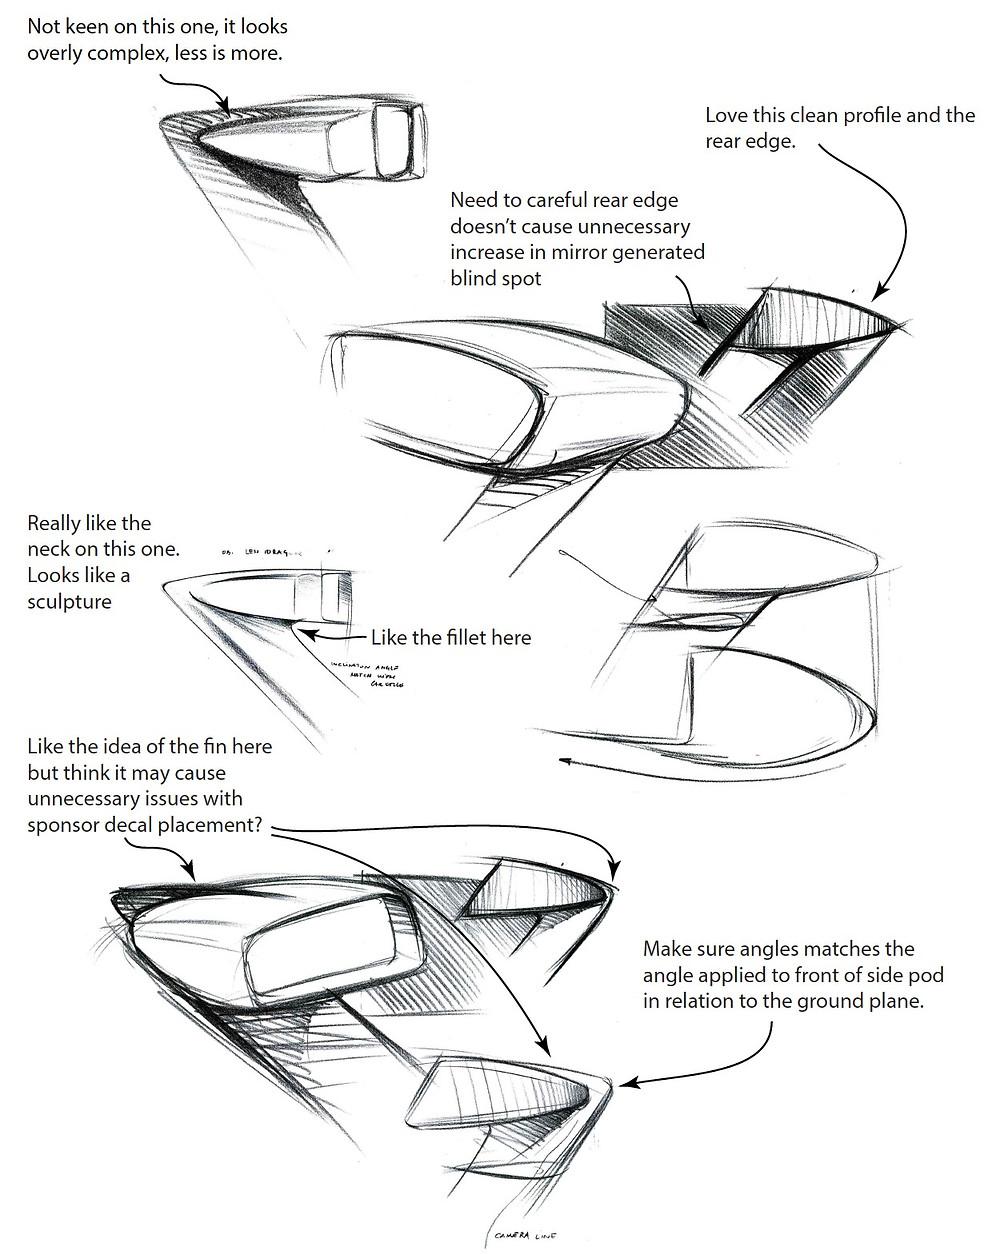 Andrea Guerri's mirror concepts